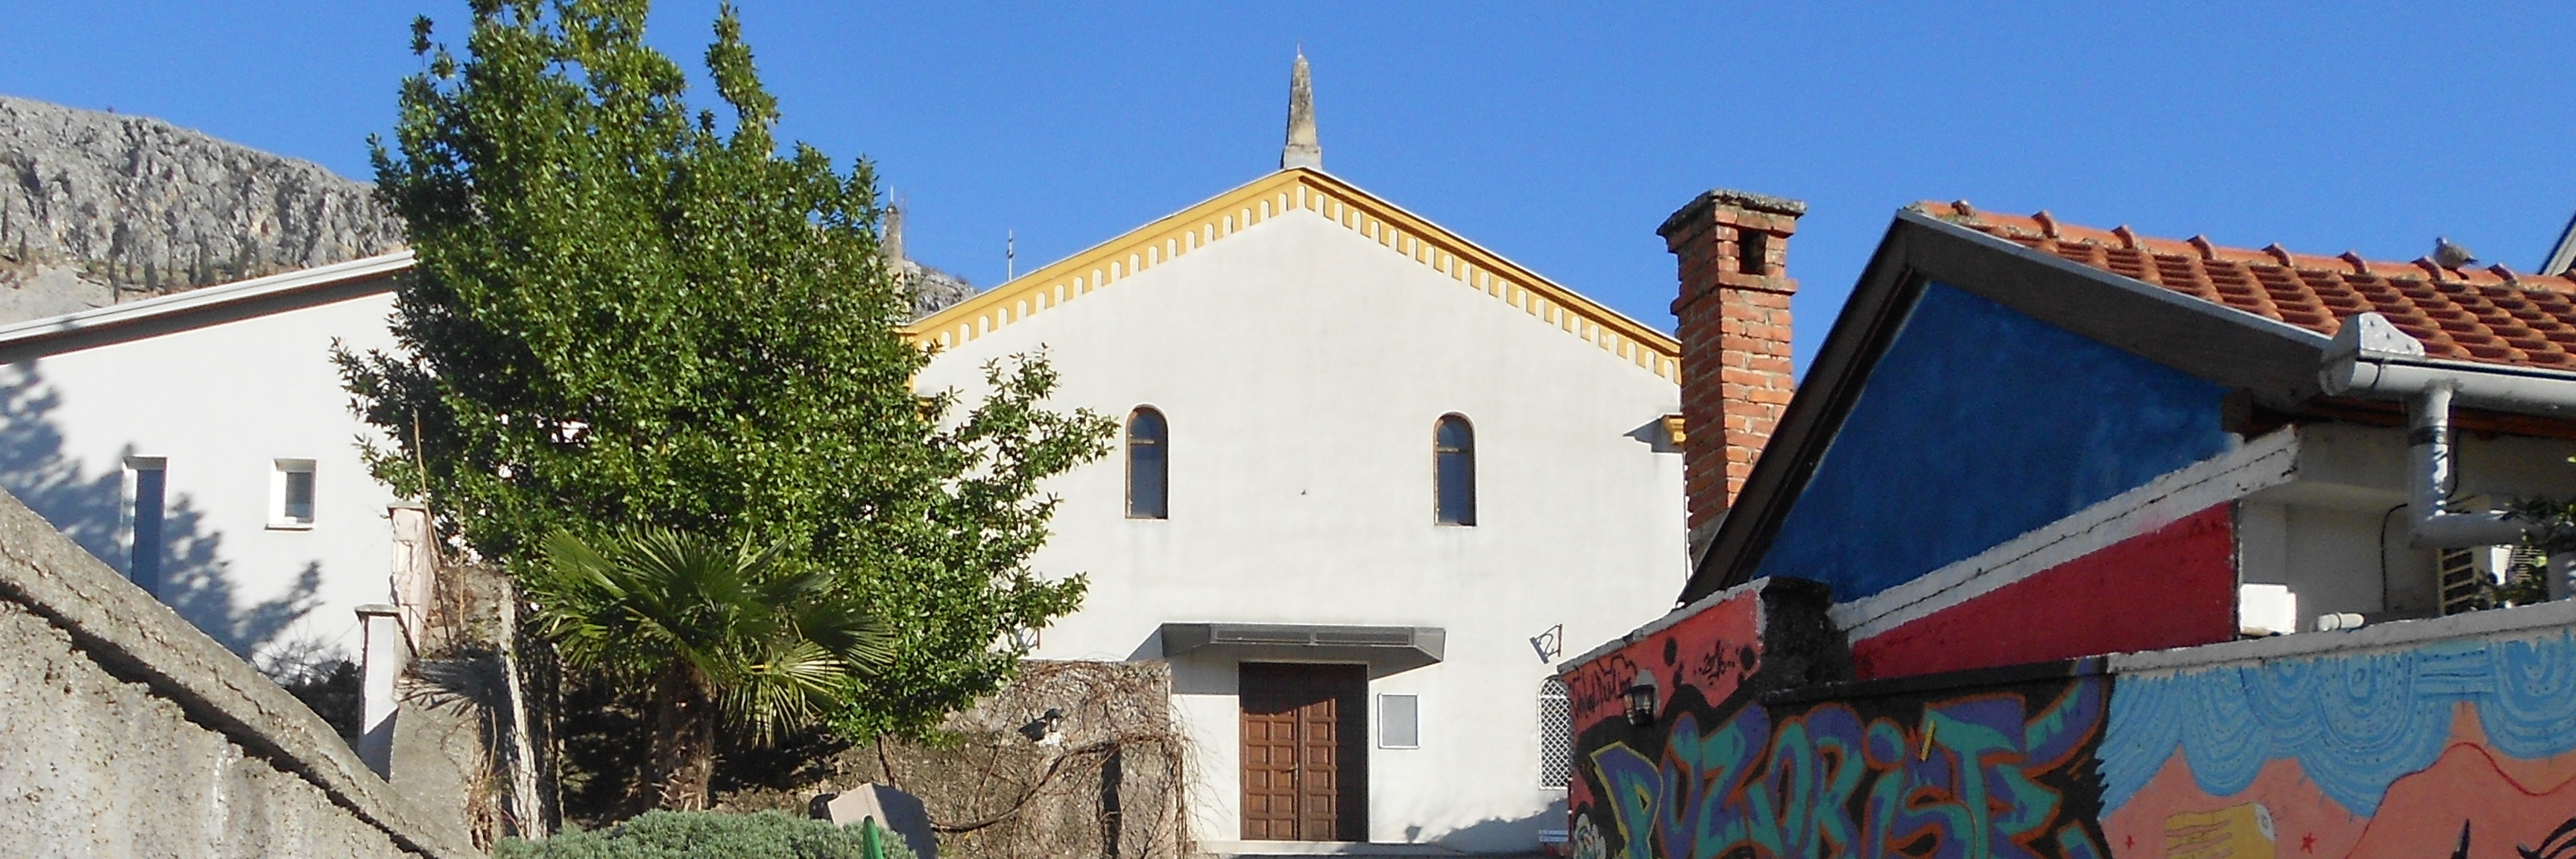 Мостарская синагога. Фото: Елена Арсениевич, CC BY-SA 3.0